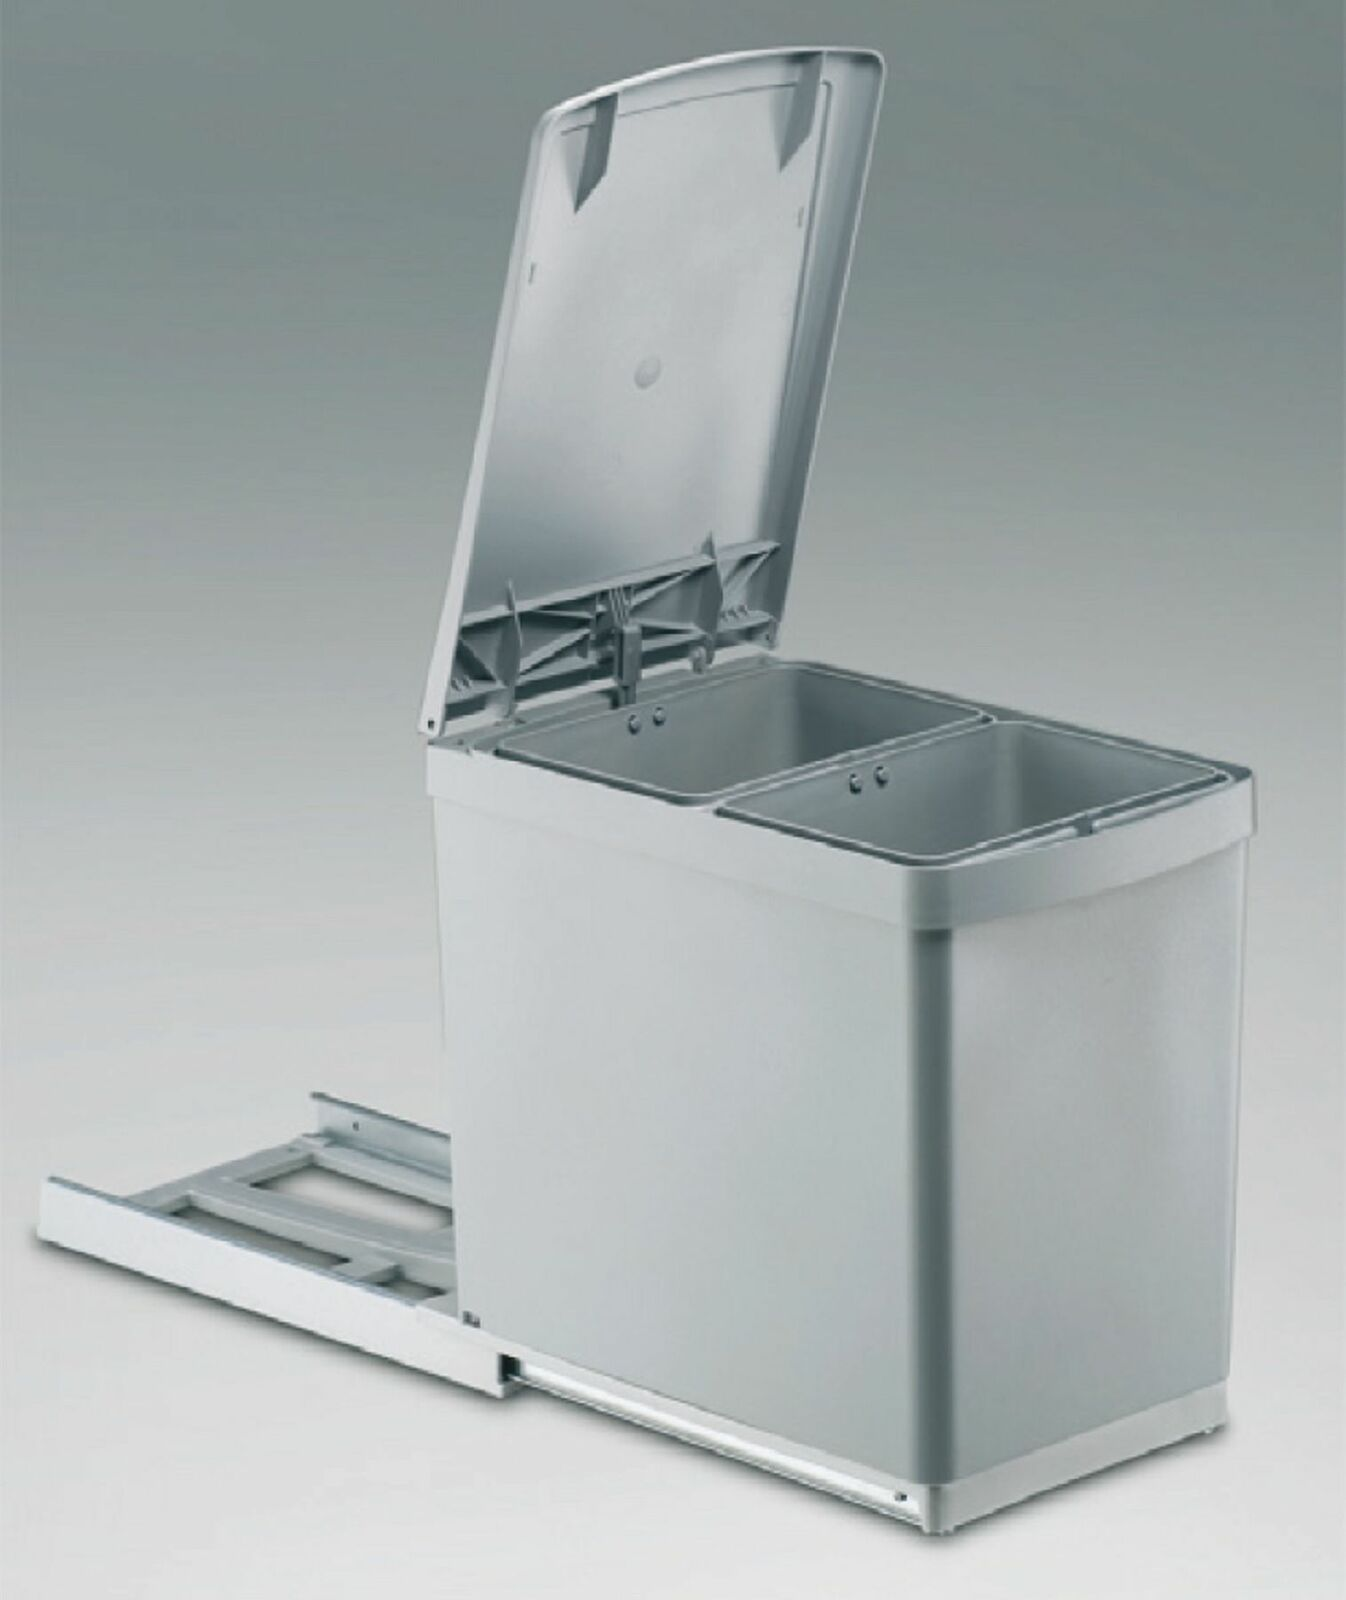 Mülleimer Küche 2x7, 5 L Einbau Küchenschrank ab 30 cm Wesco Müllsystem  *515783